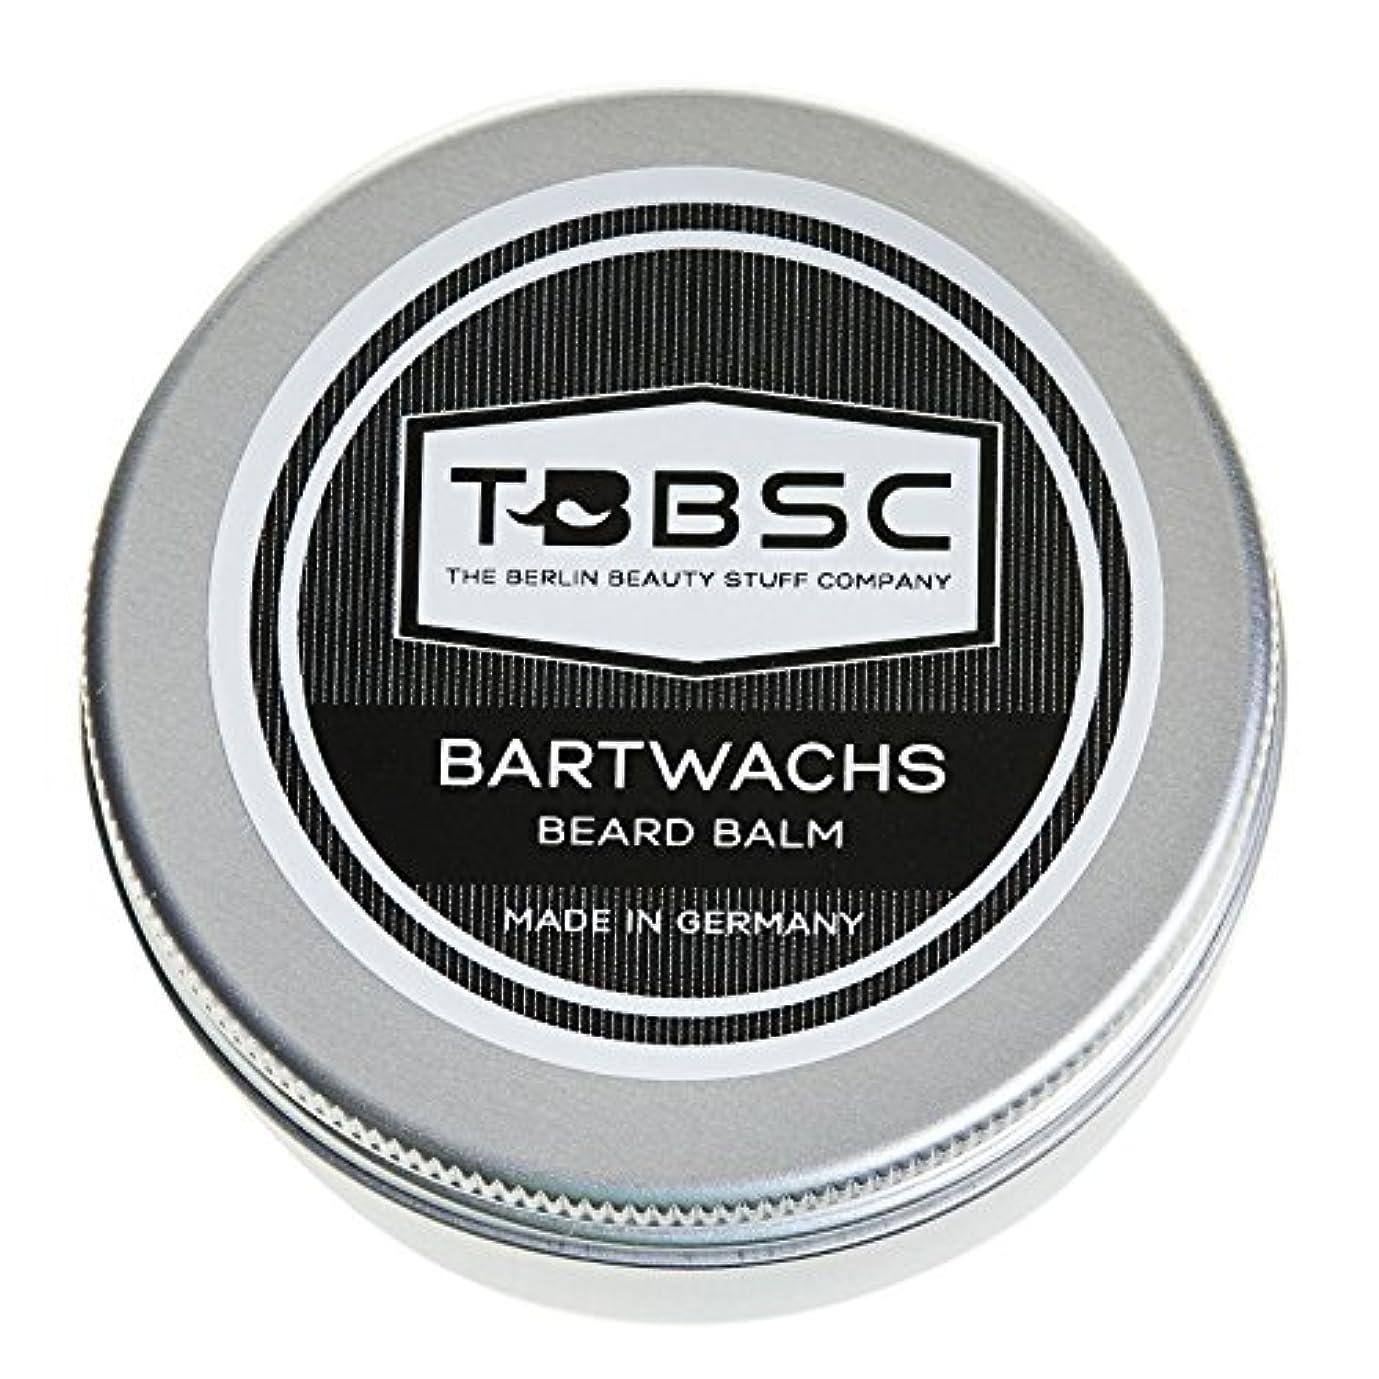 医薬品マーキー区別TBBSCビアードワックス60gドイツ製ケア+スタイリングのためのひげバーム